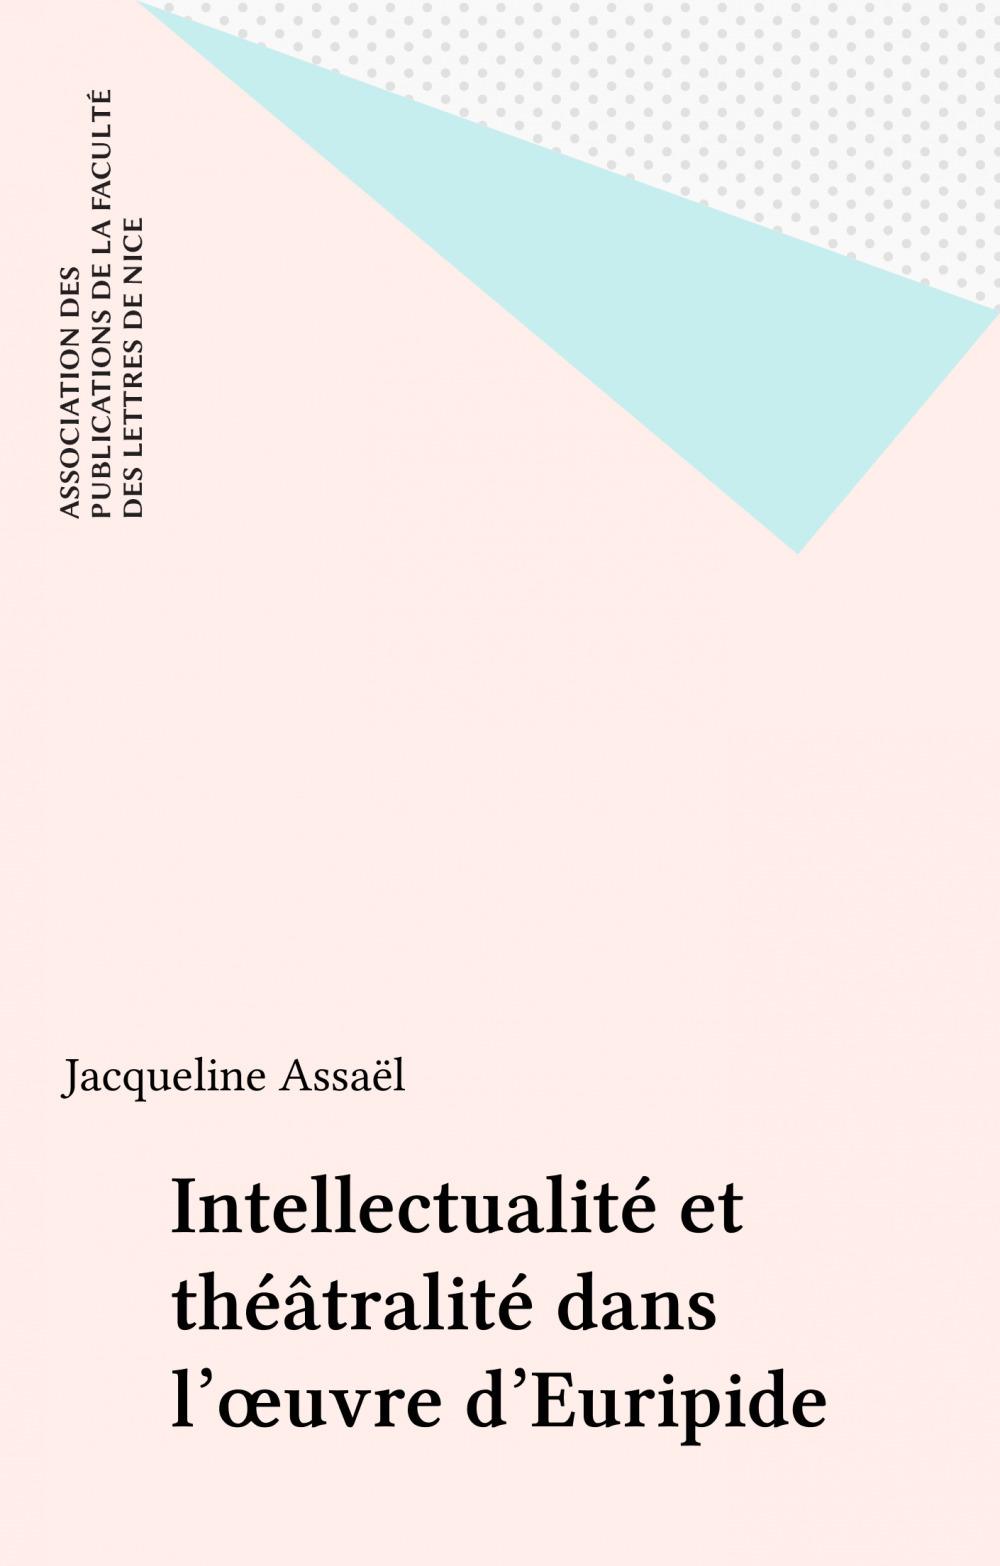 Intellectualite et theatralite